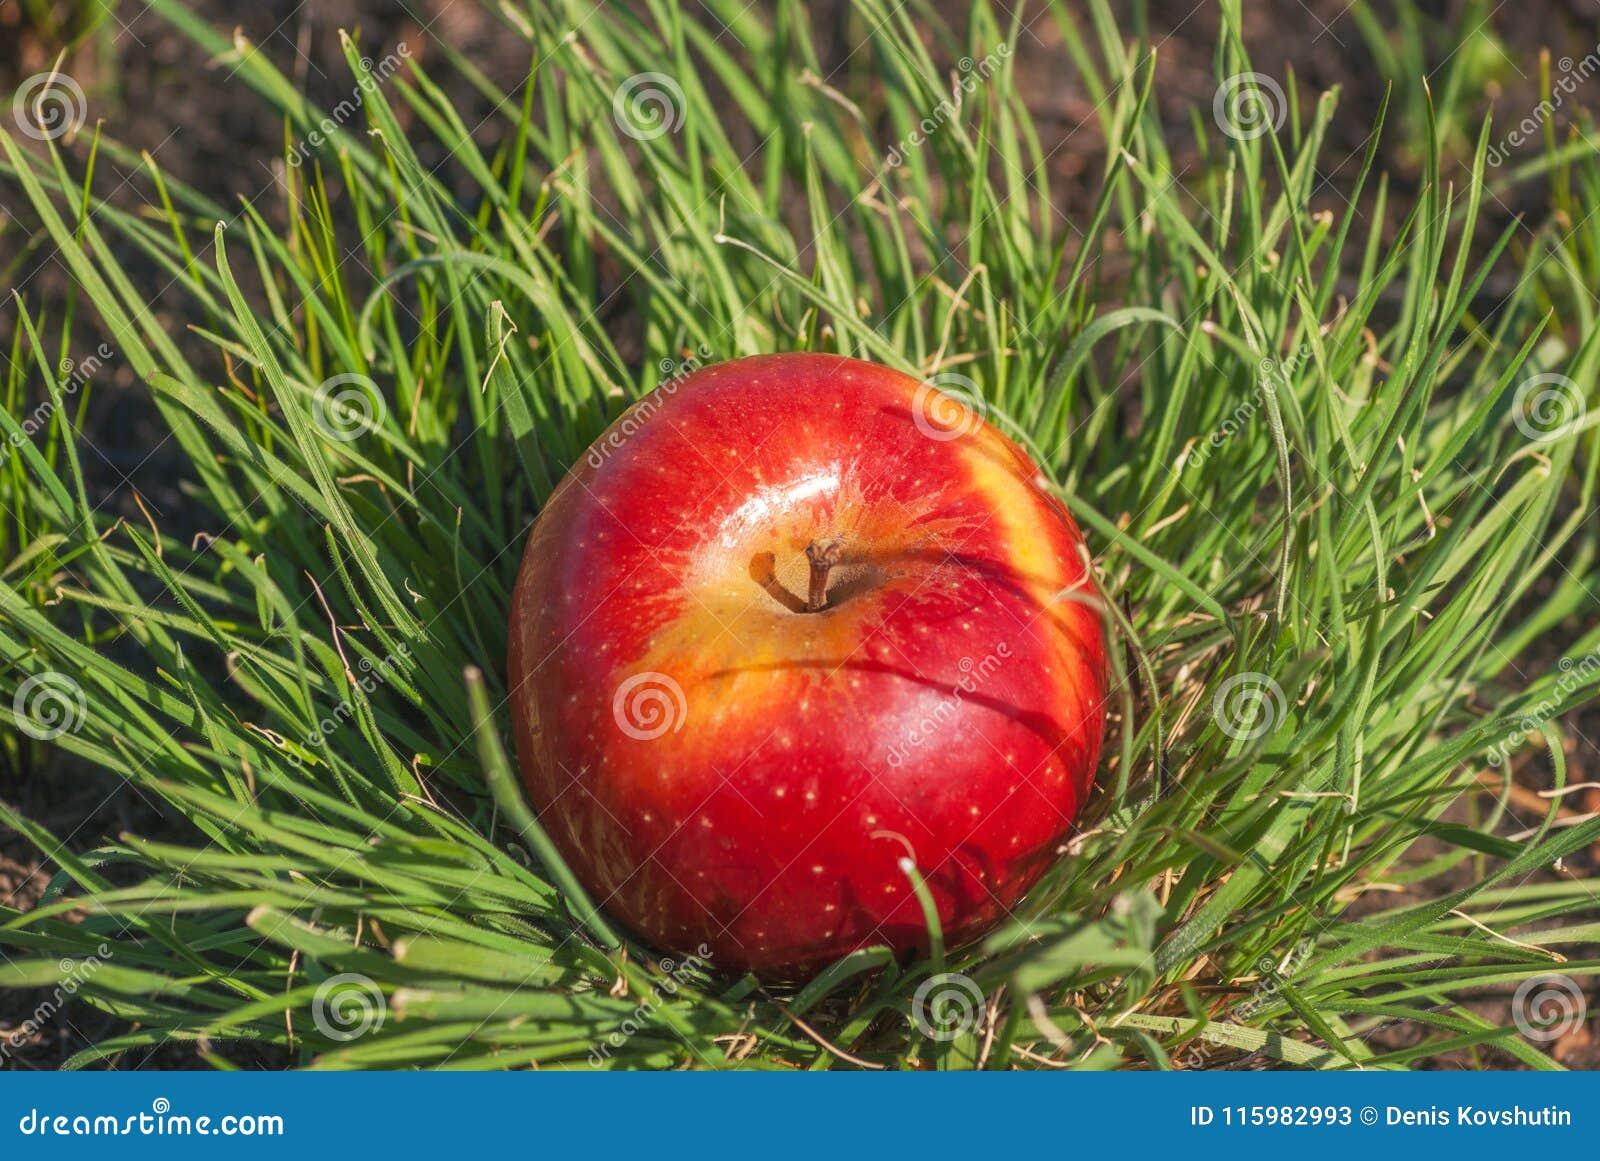 Fruta sólida jugosa roja de la manzana que miente bajo luz del sol en hierba verde Concepto de dieta sana orgánica de la nutrició